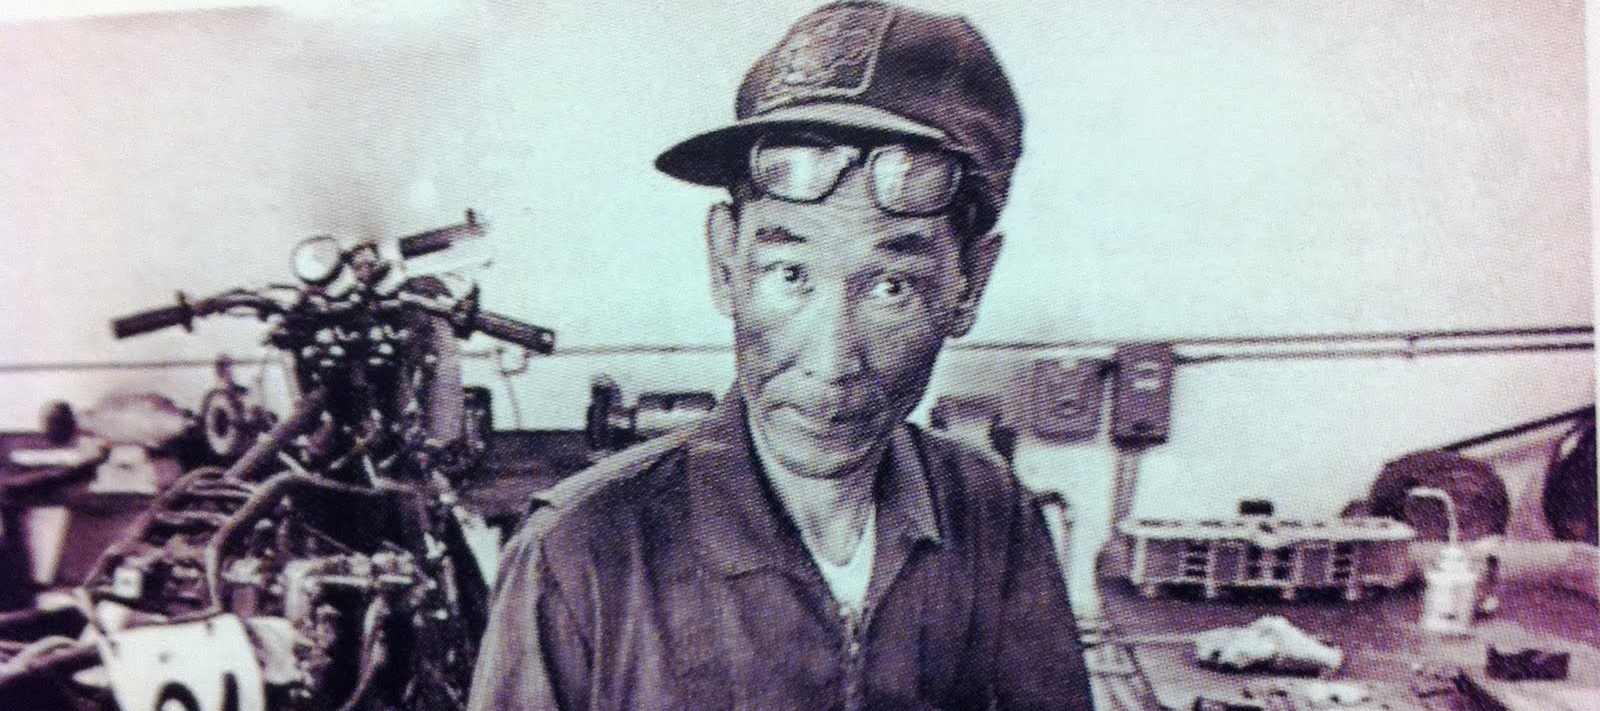 出典:http://madvnz.com/tag/yoshimura/